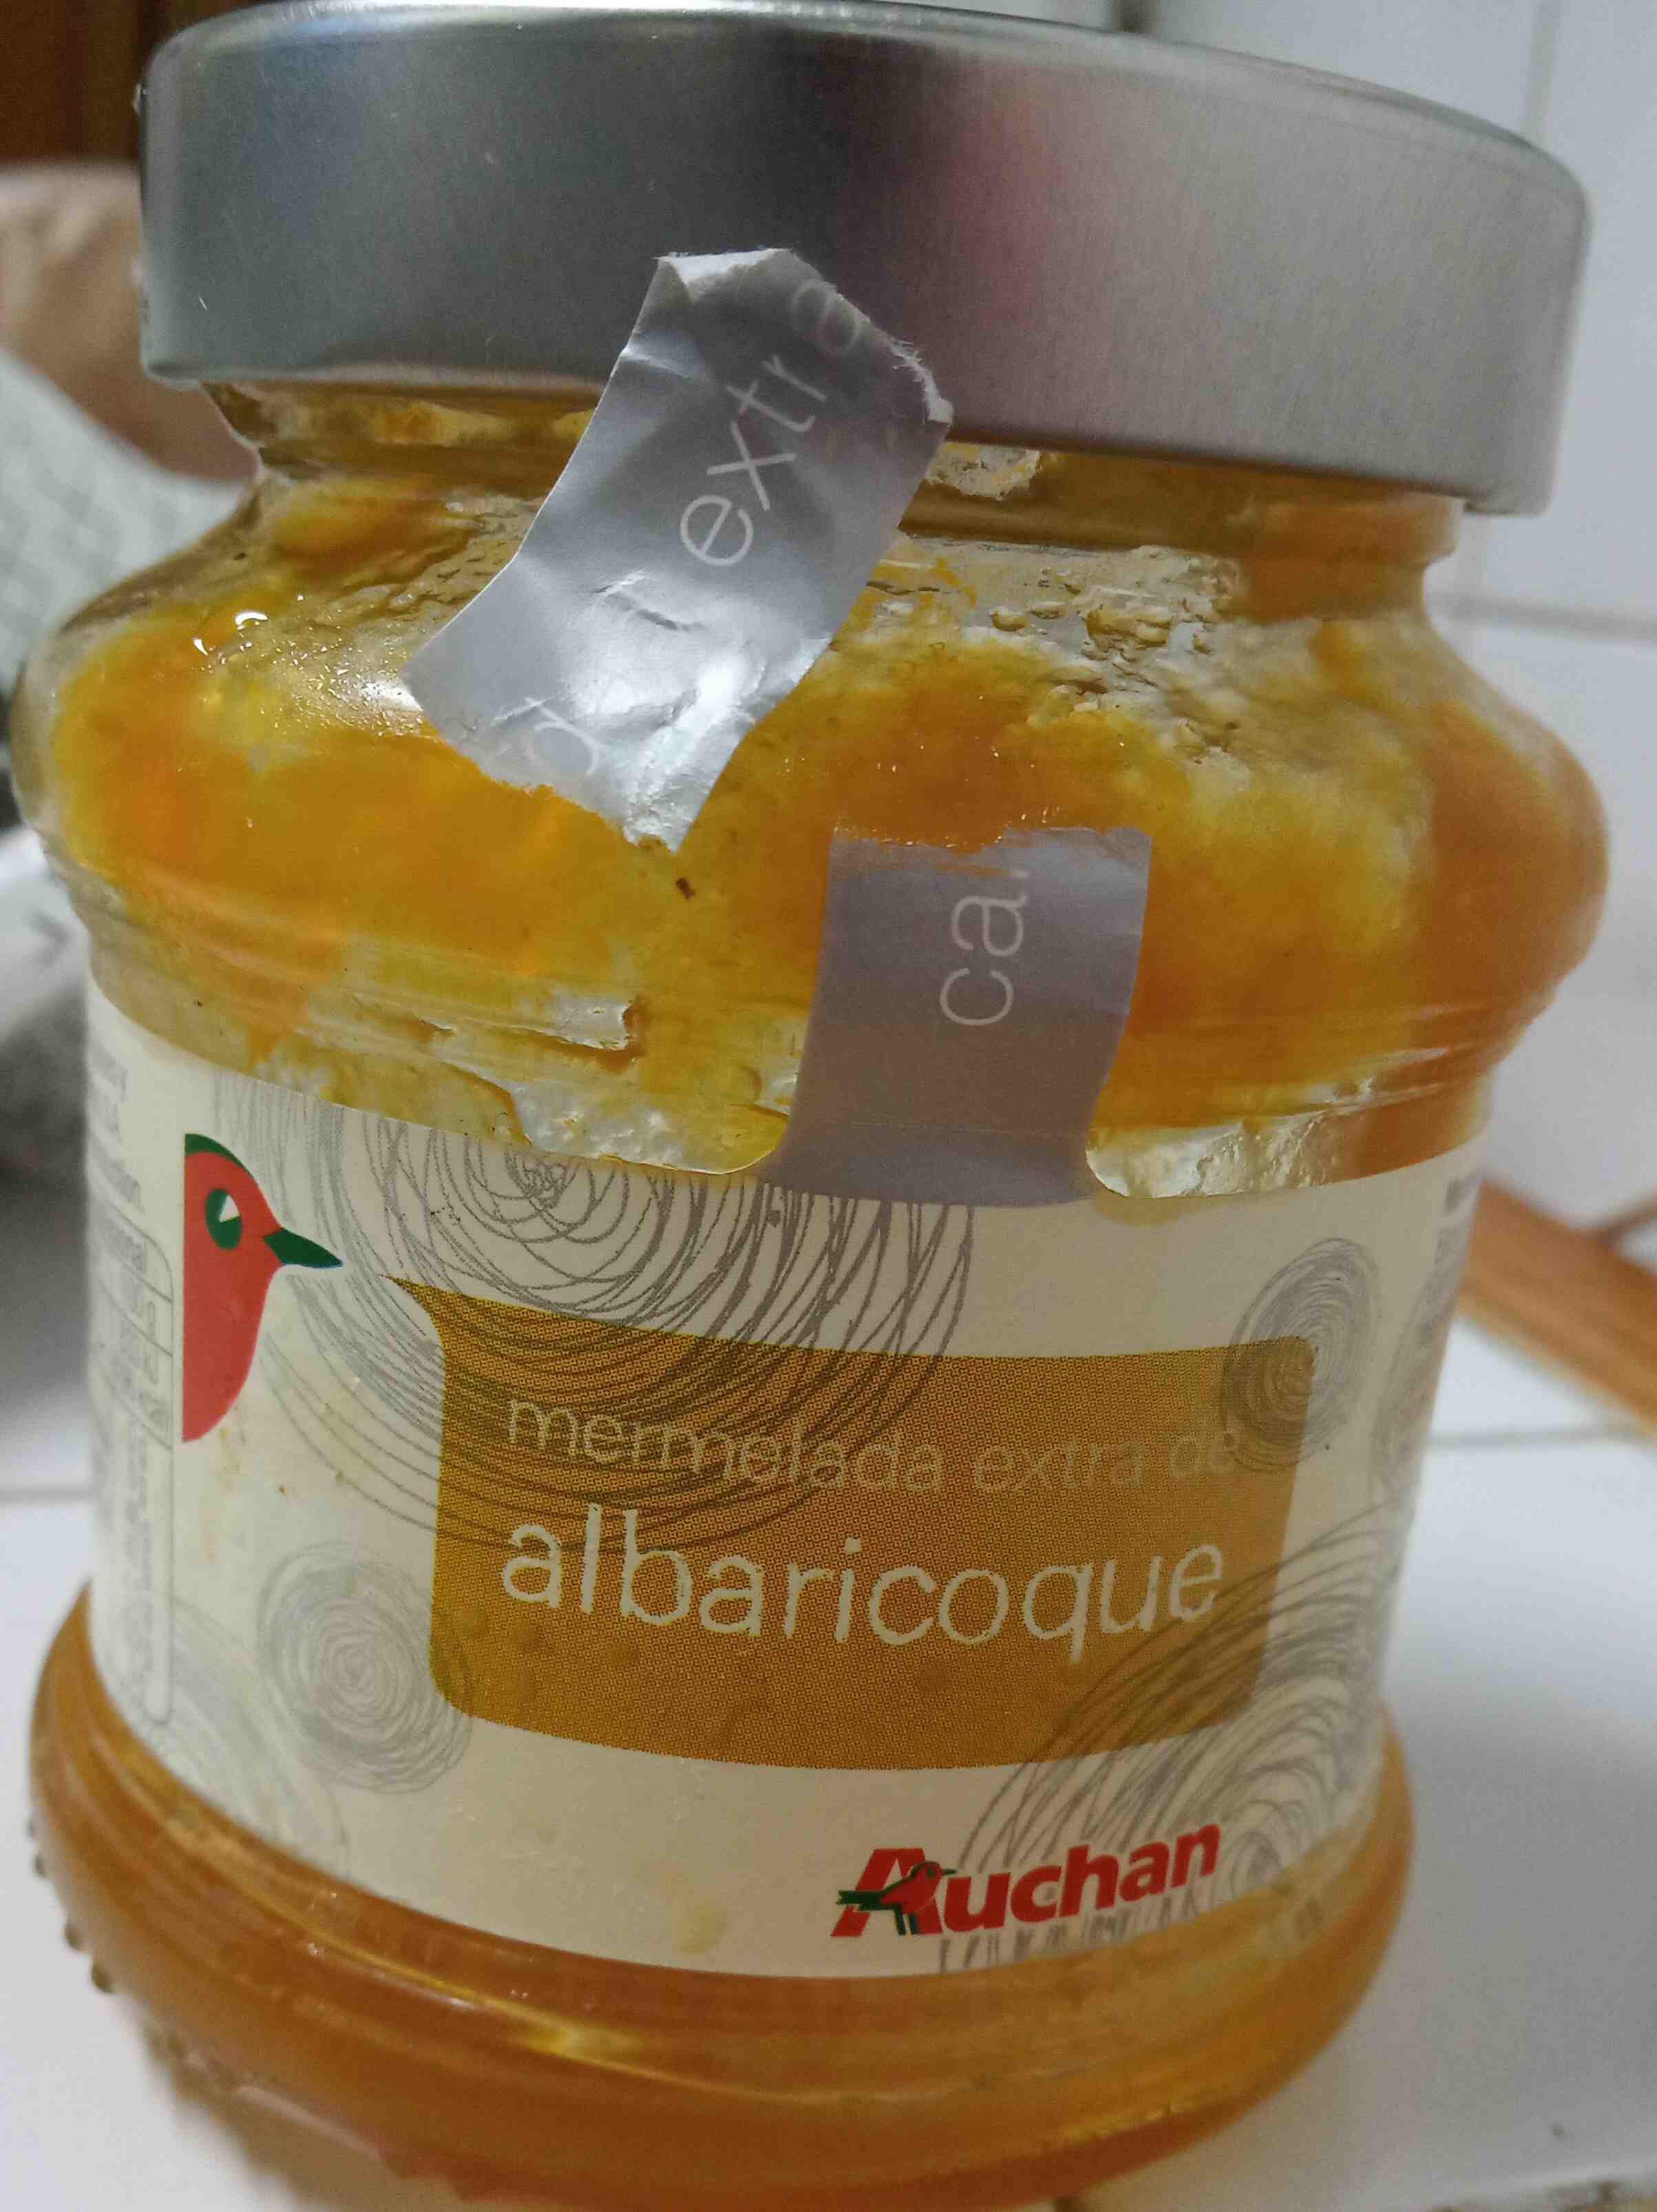 mermelada extra albaricoque Auchan - Producte